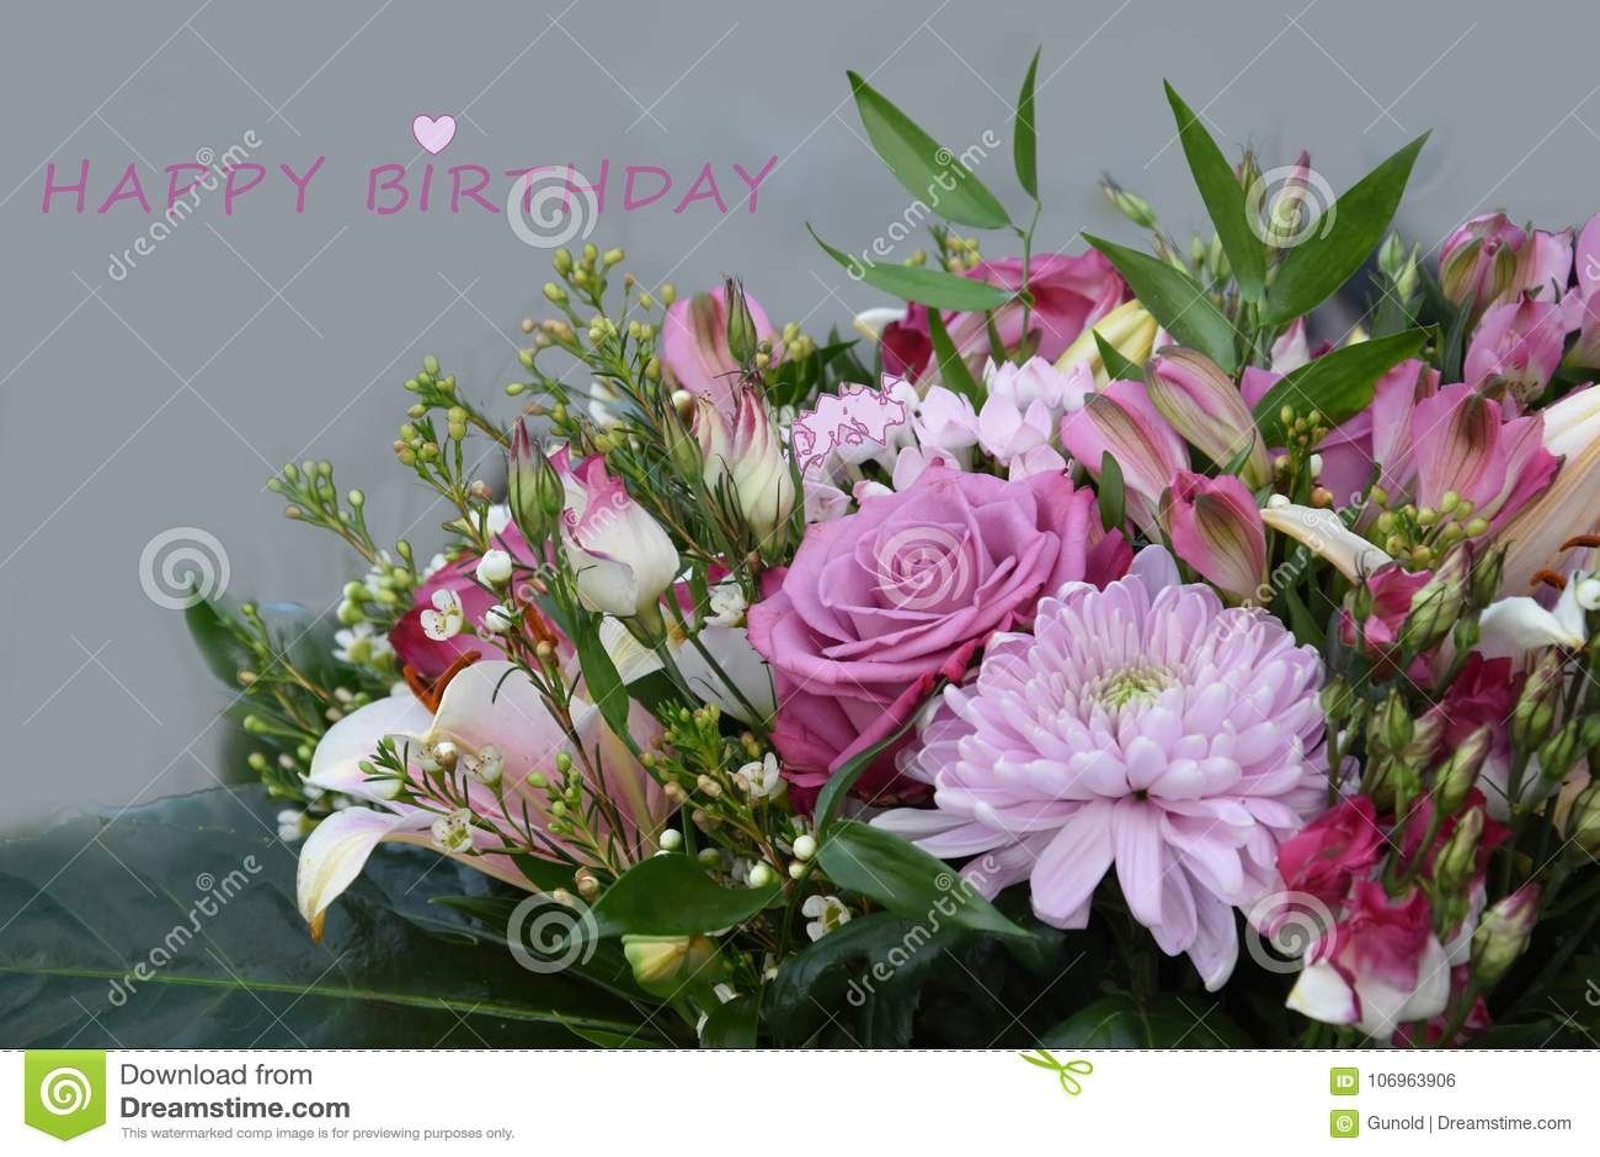 Carte De Voeux D Anniversaire Avec Les Fleurs Roses Photo Stock Image Du Fleurs Anniversaire 106963906